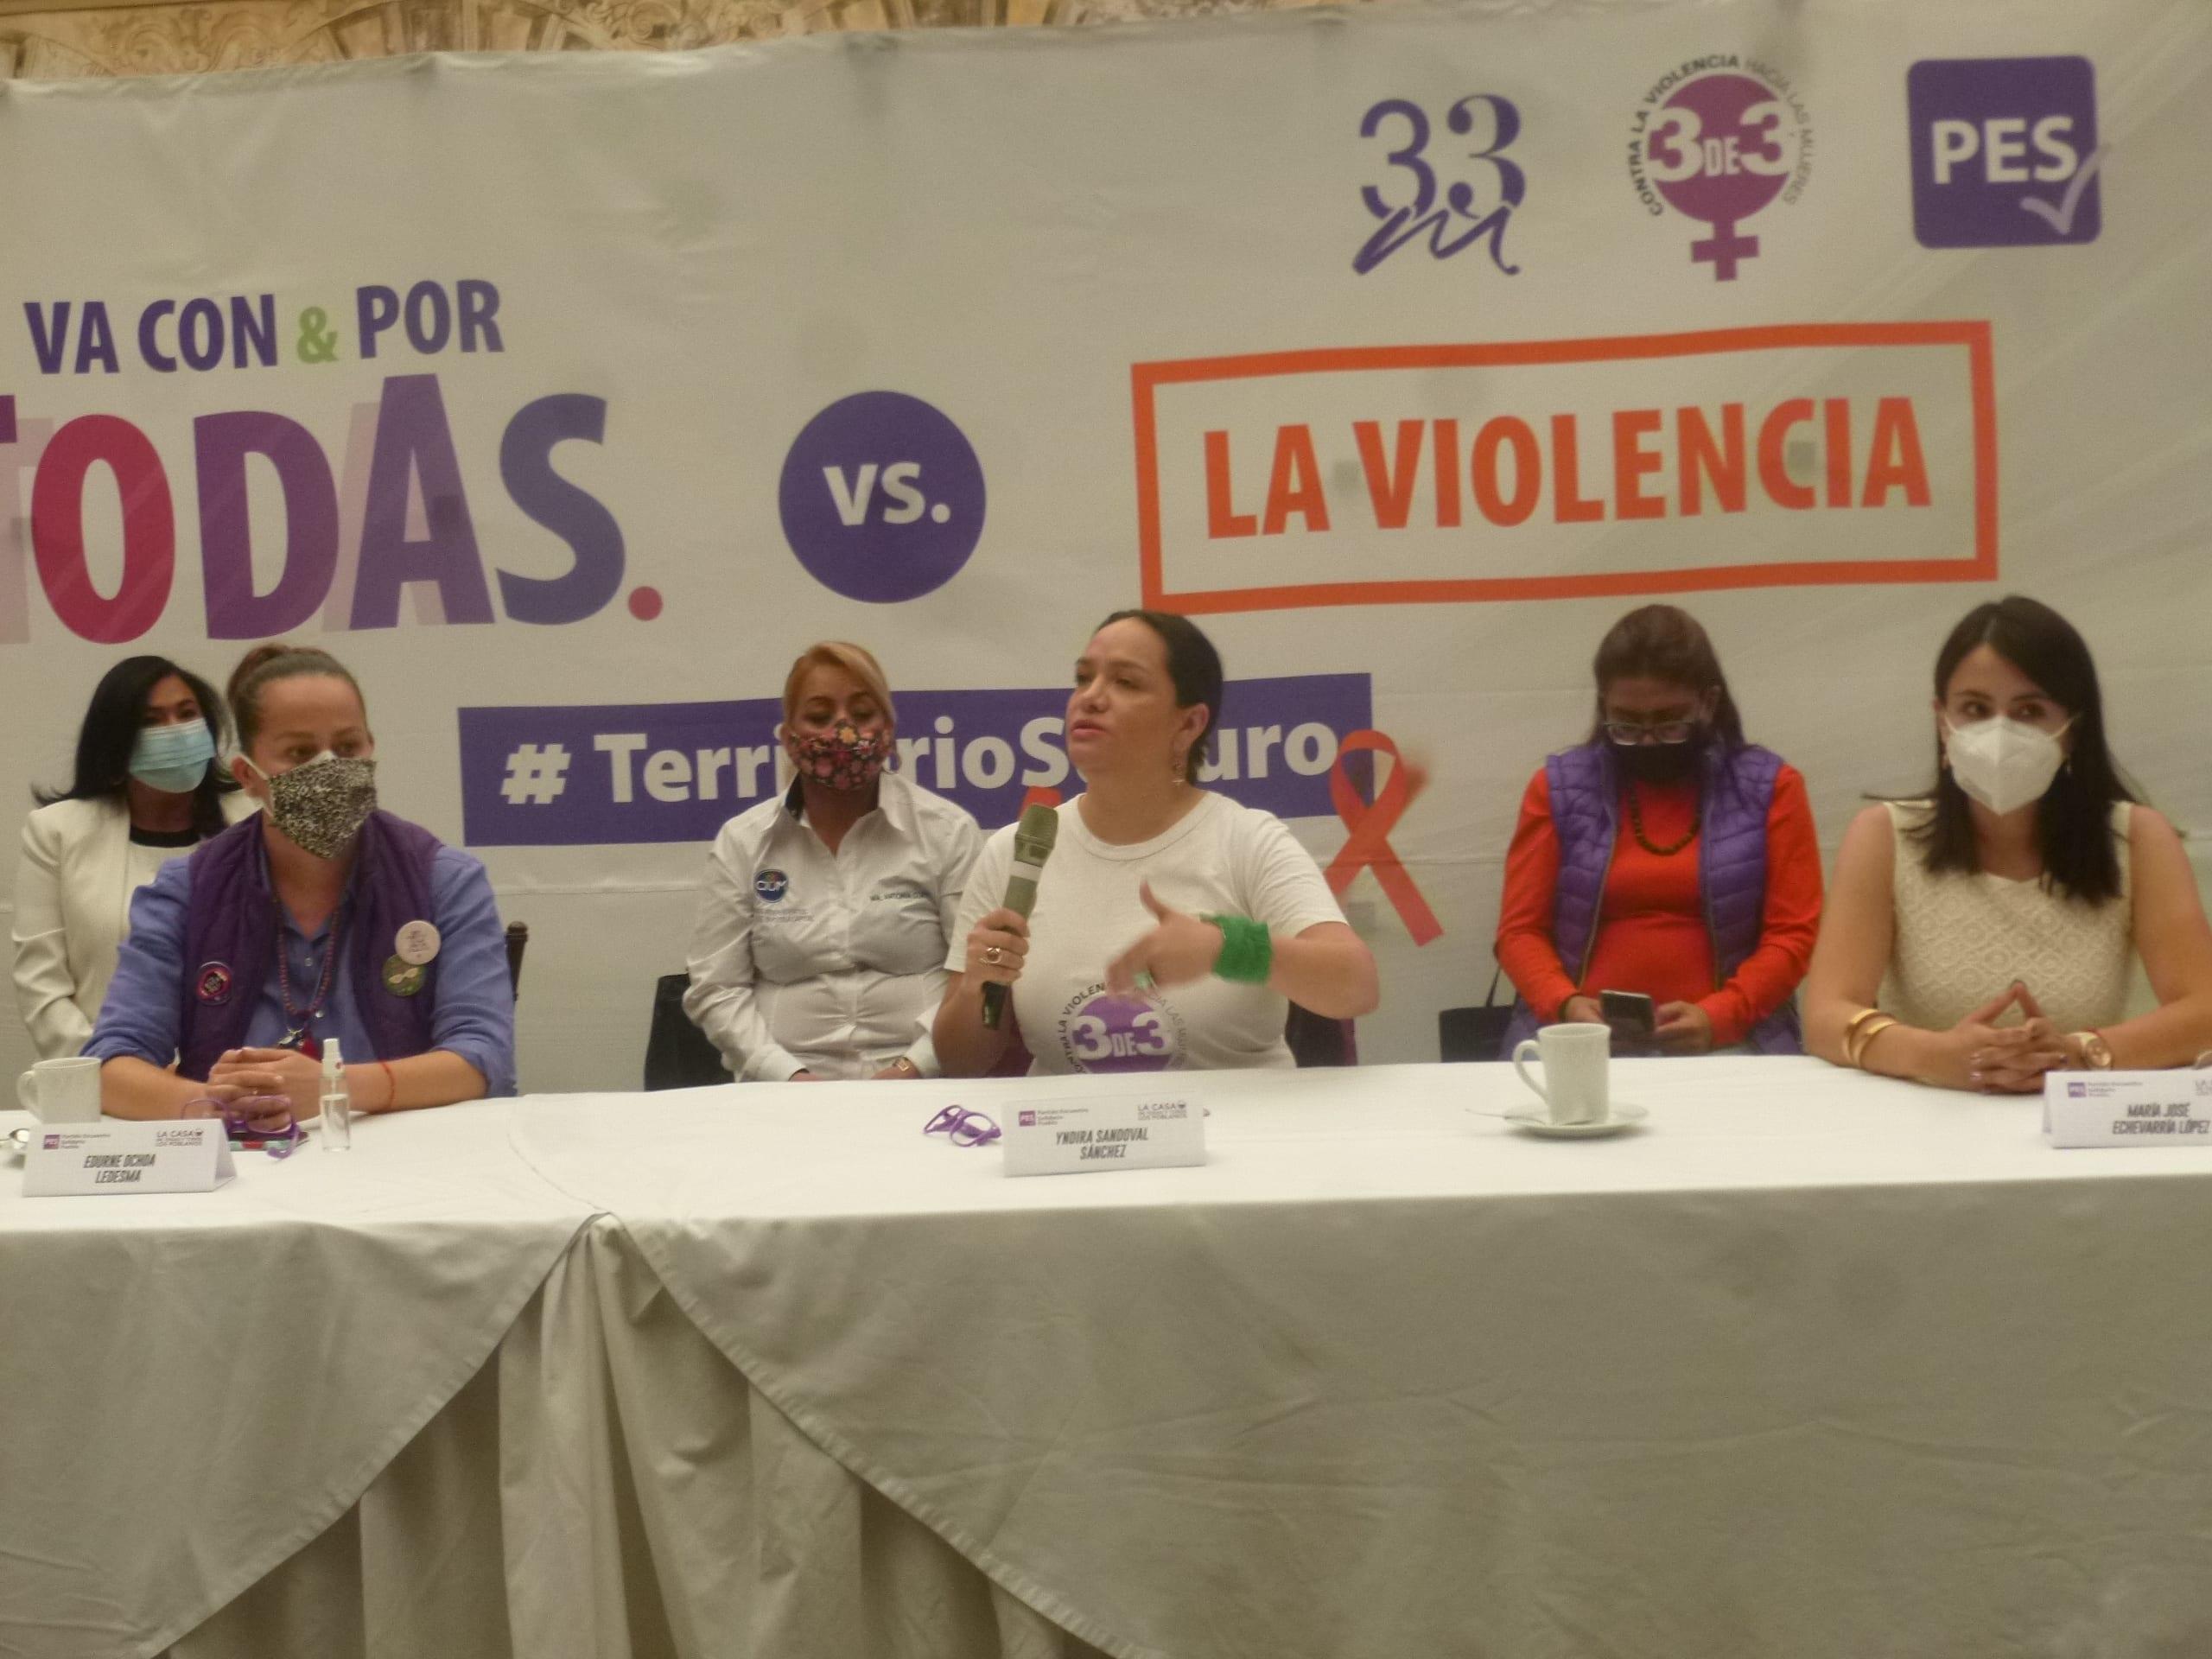 Asociación civil pone en marcha experimento para medir el nivel de violencia contra las mujeres